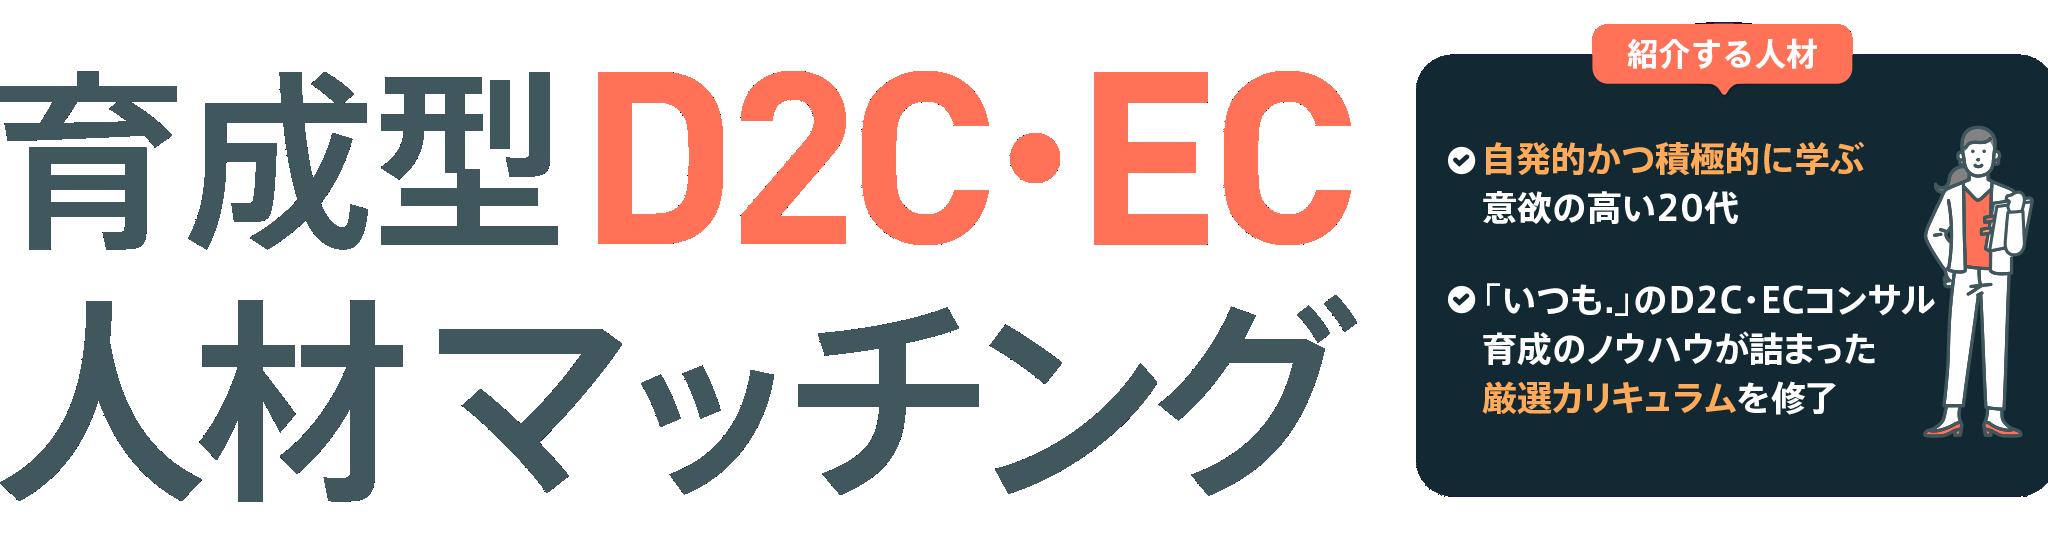 優秀なD2C・EC人材を育成し、日本各地を元気にするプロジェクト 日本の未来をD2C・ECでつくる